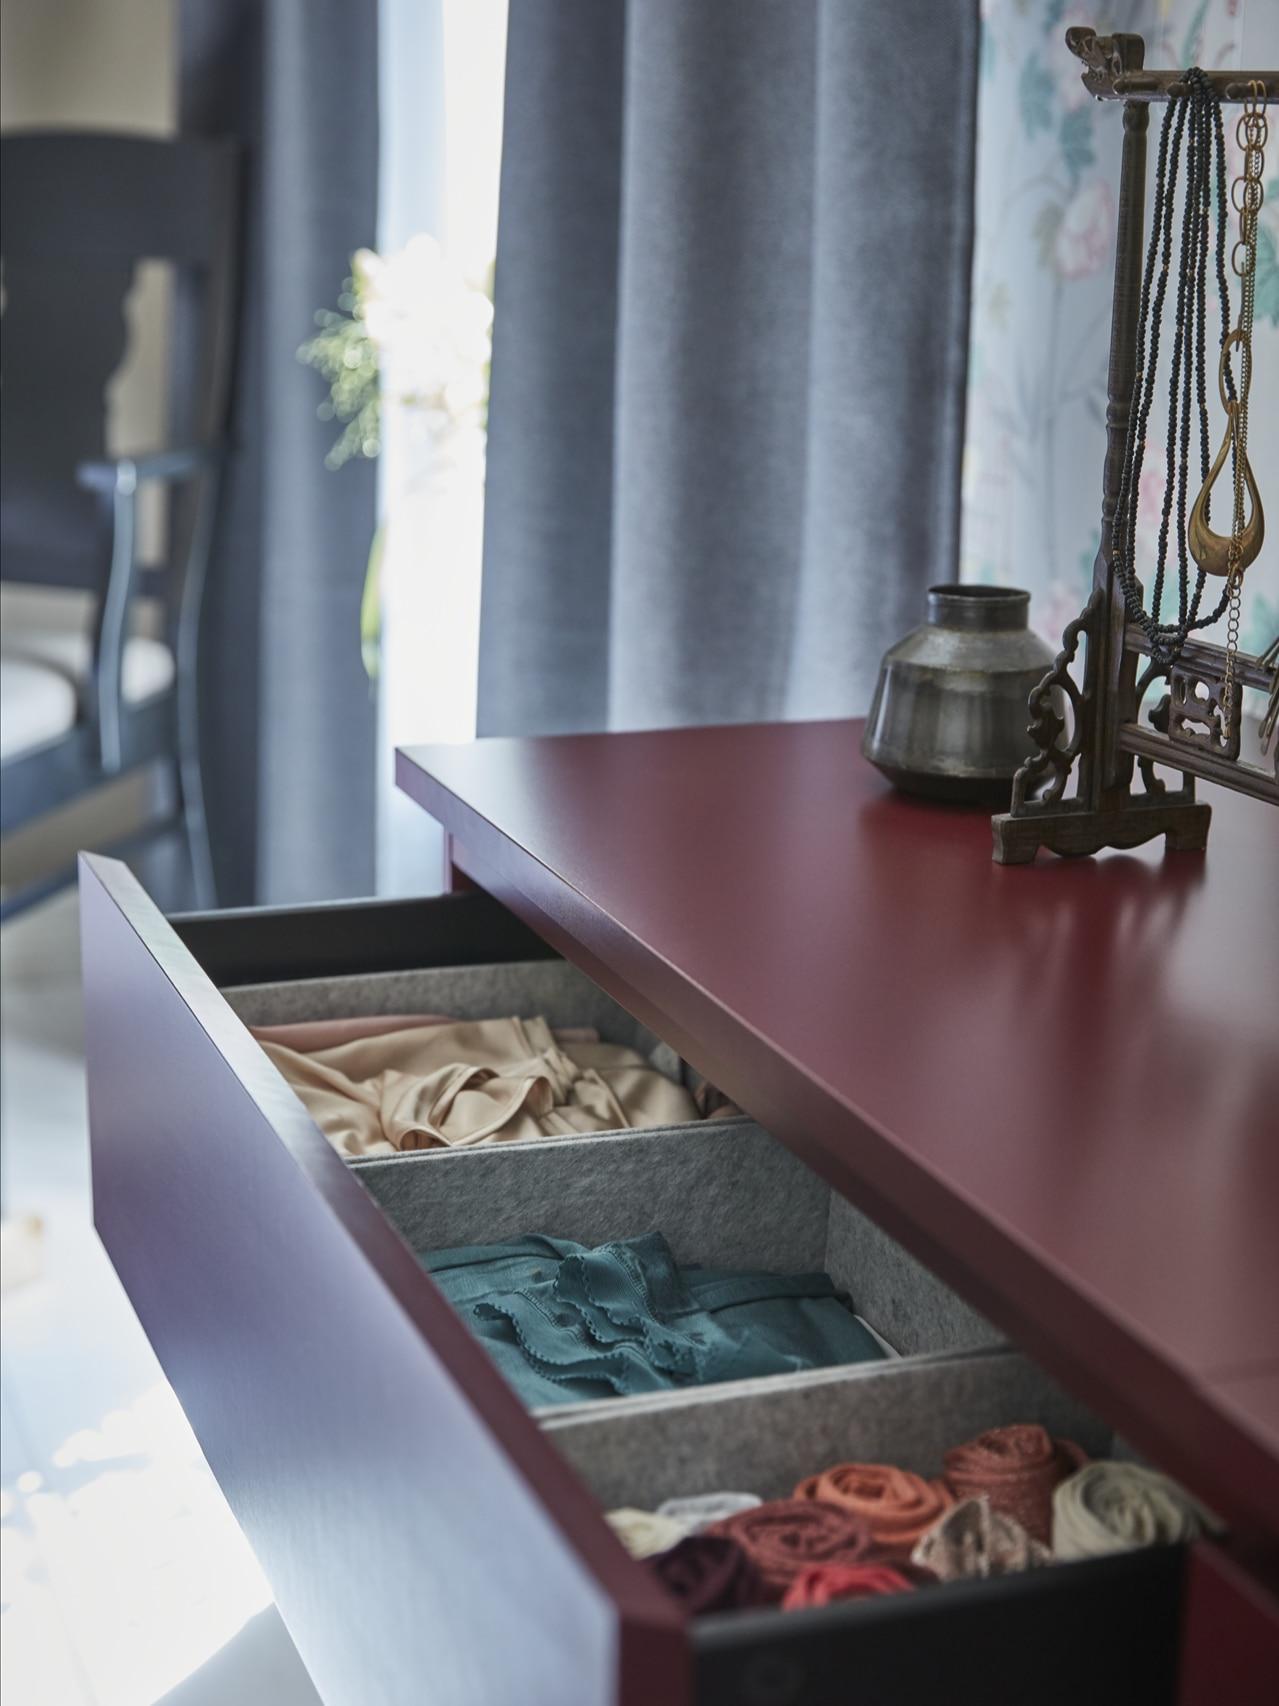 Detalle de una cómoda MALM en rojo oscuro de tres cajones, de los que el primero está abierto para dejar ver tres cajas de fieltro que contienen prendas de seda.